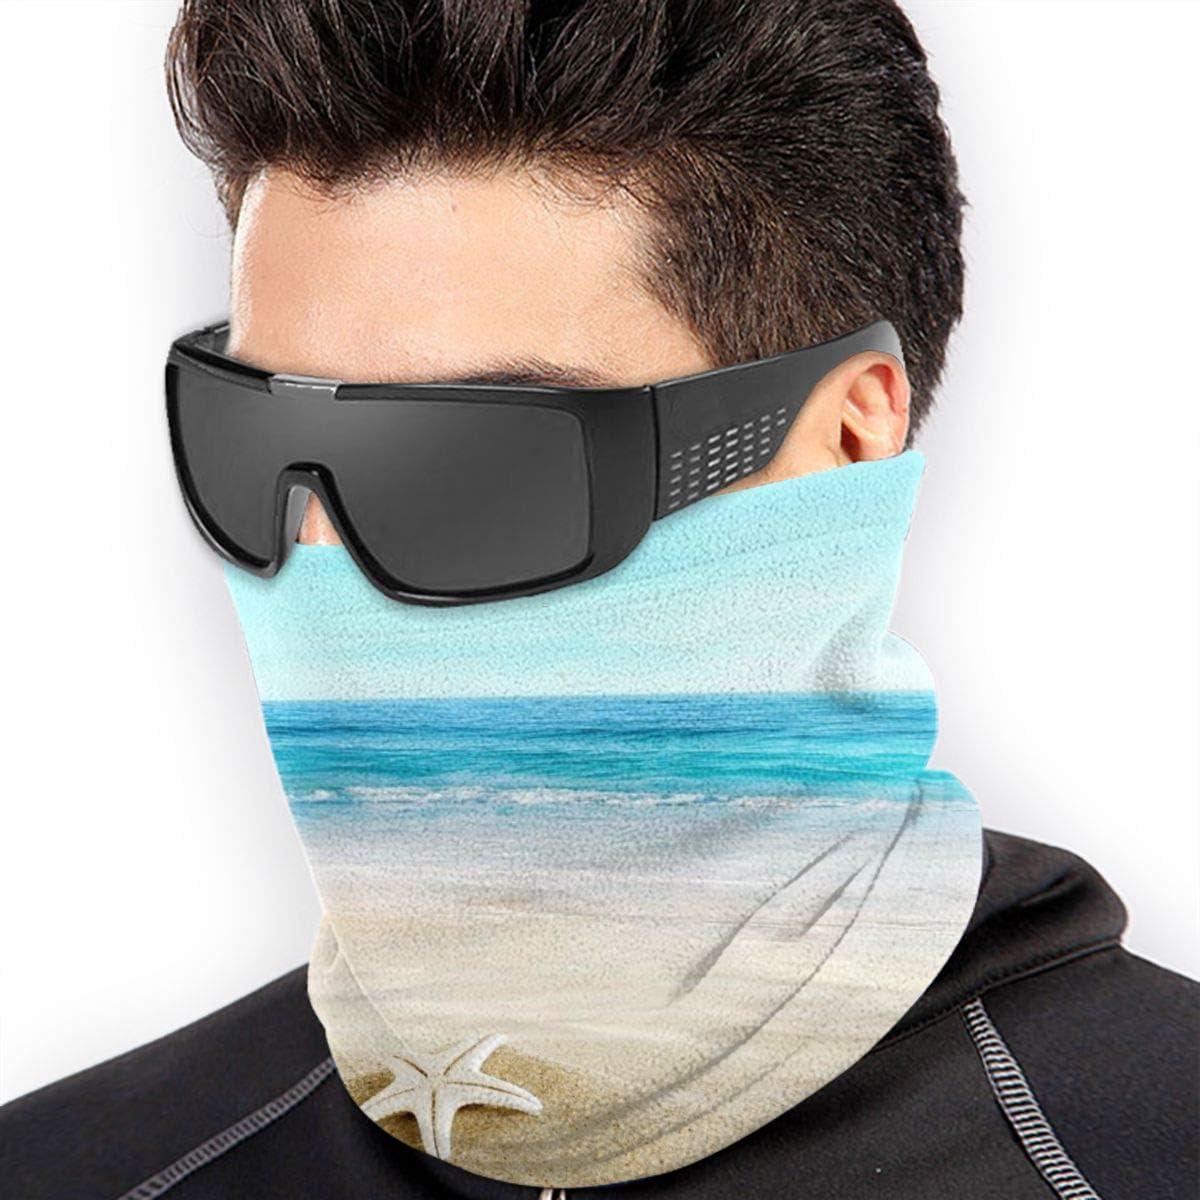 Starfish Seashells Sand Beach Neck Warmer Gaiter For Men Women Headband Face Mask Bandana Head Wrap Scarf Headwear Winter Balaclava For Ski Running Motorcycle